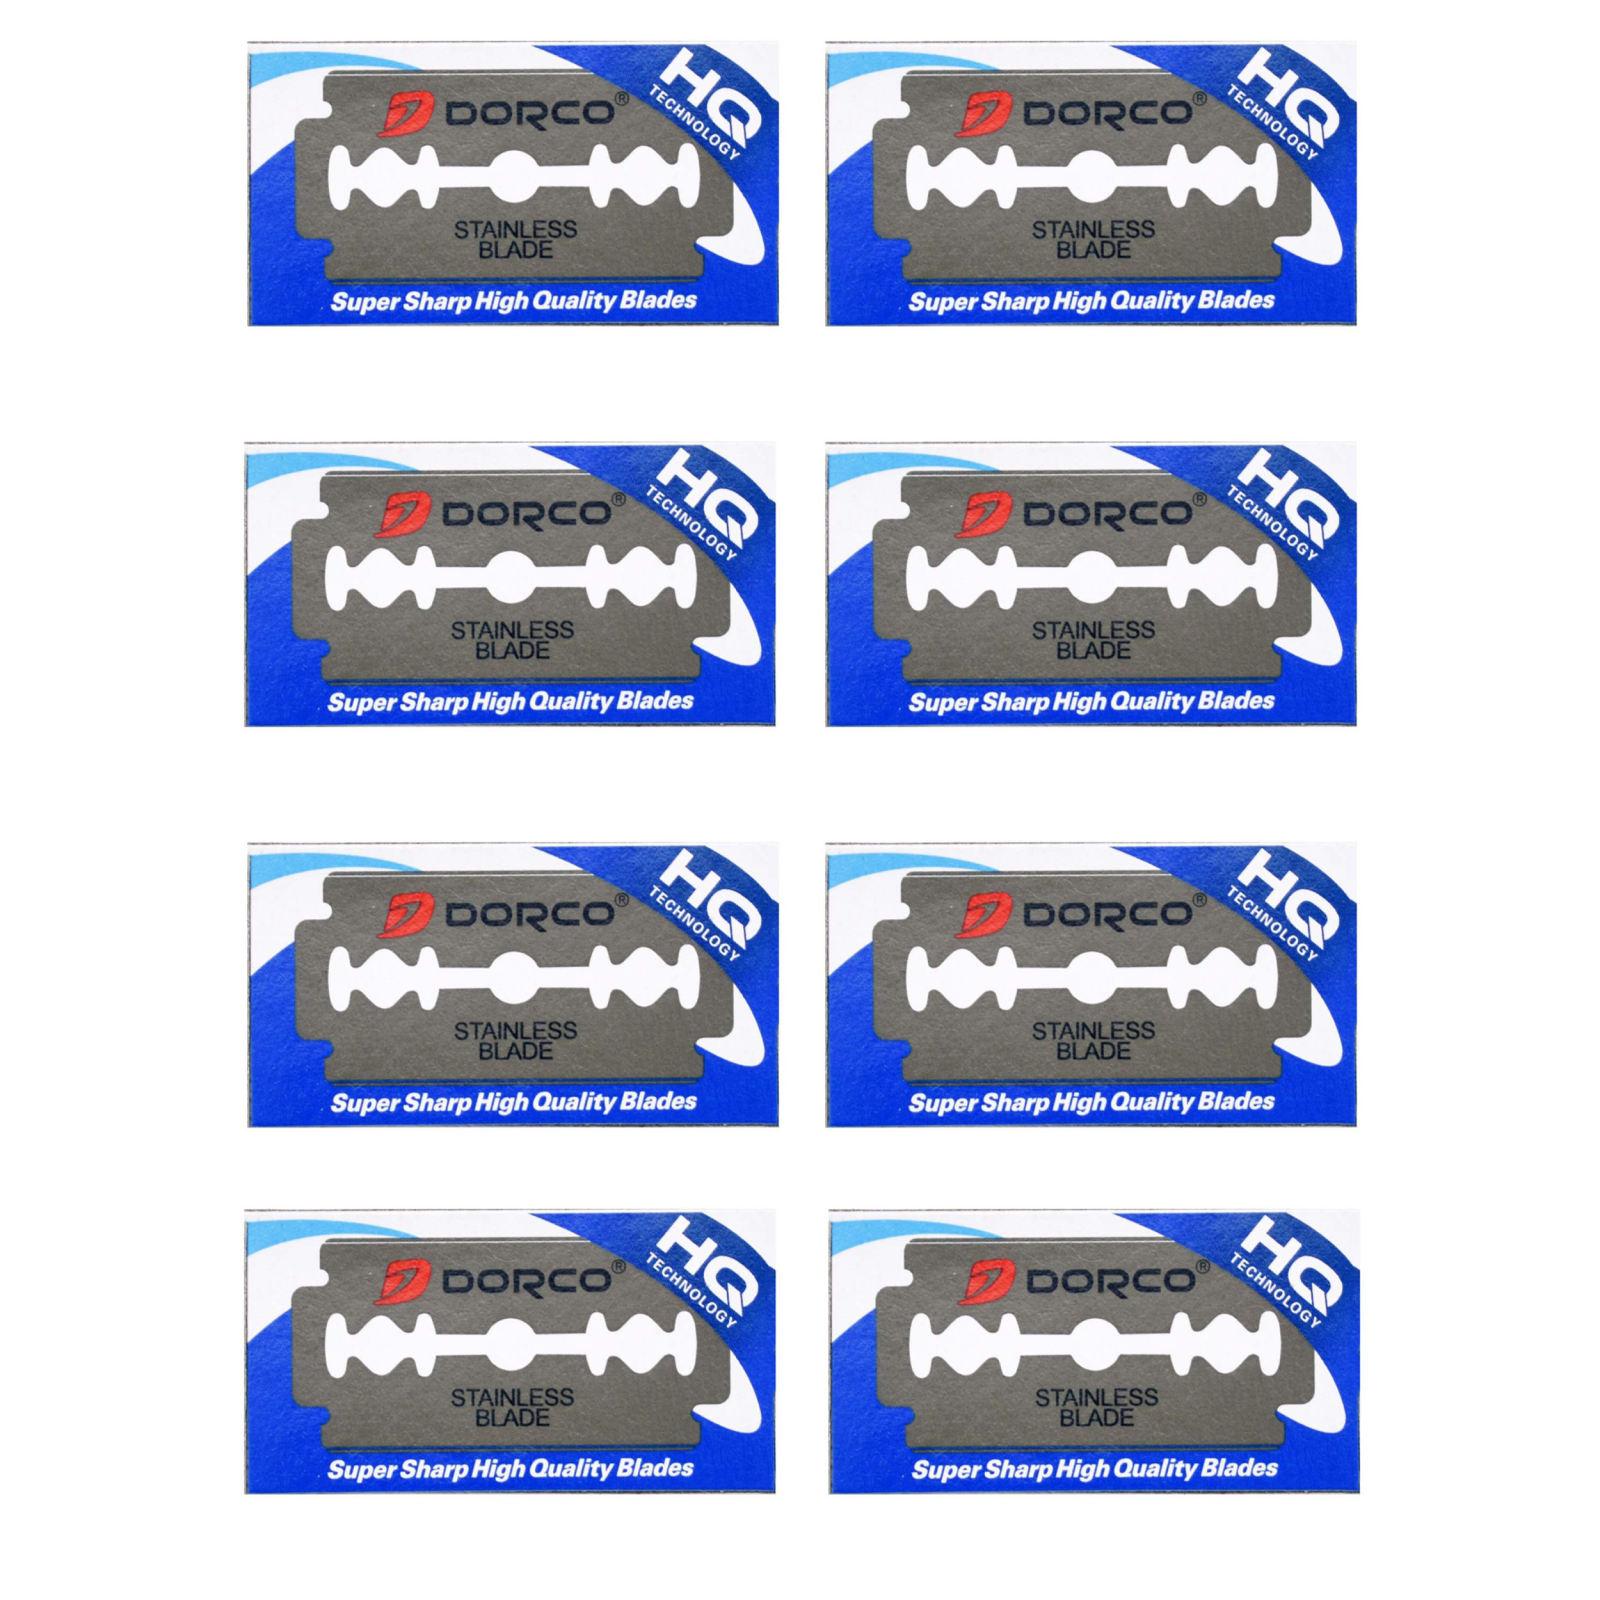 تیغ یدک دورکو مدل HQ-22 مجموعه 8 عددی -  - 2